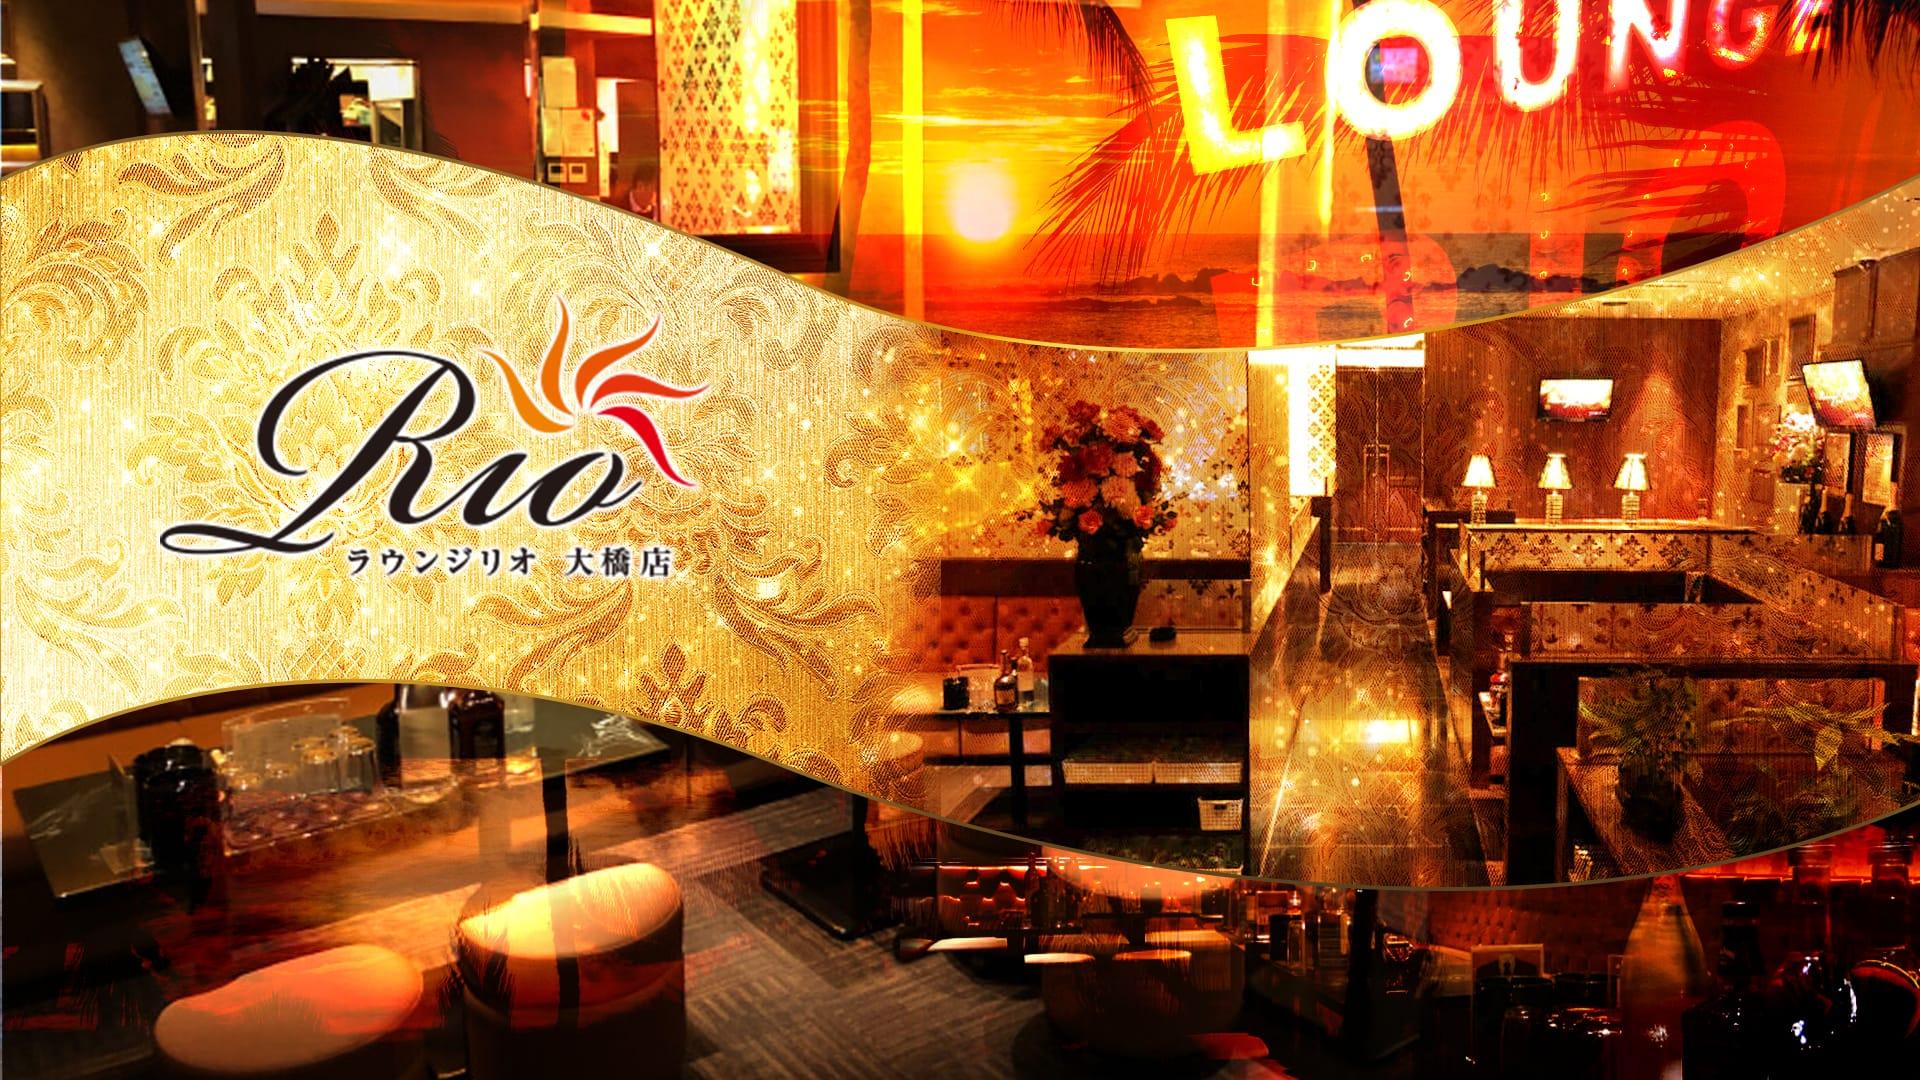 Lounge Rio 大橋(リオ) 大橋キャバクラ TOP画像